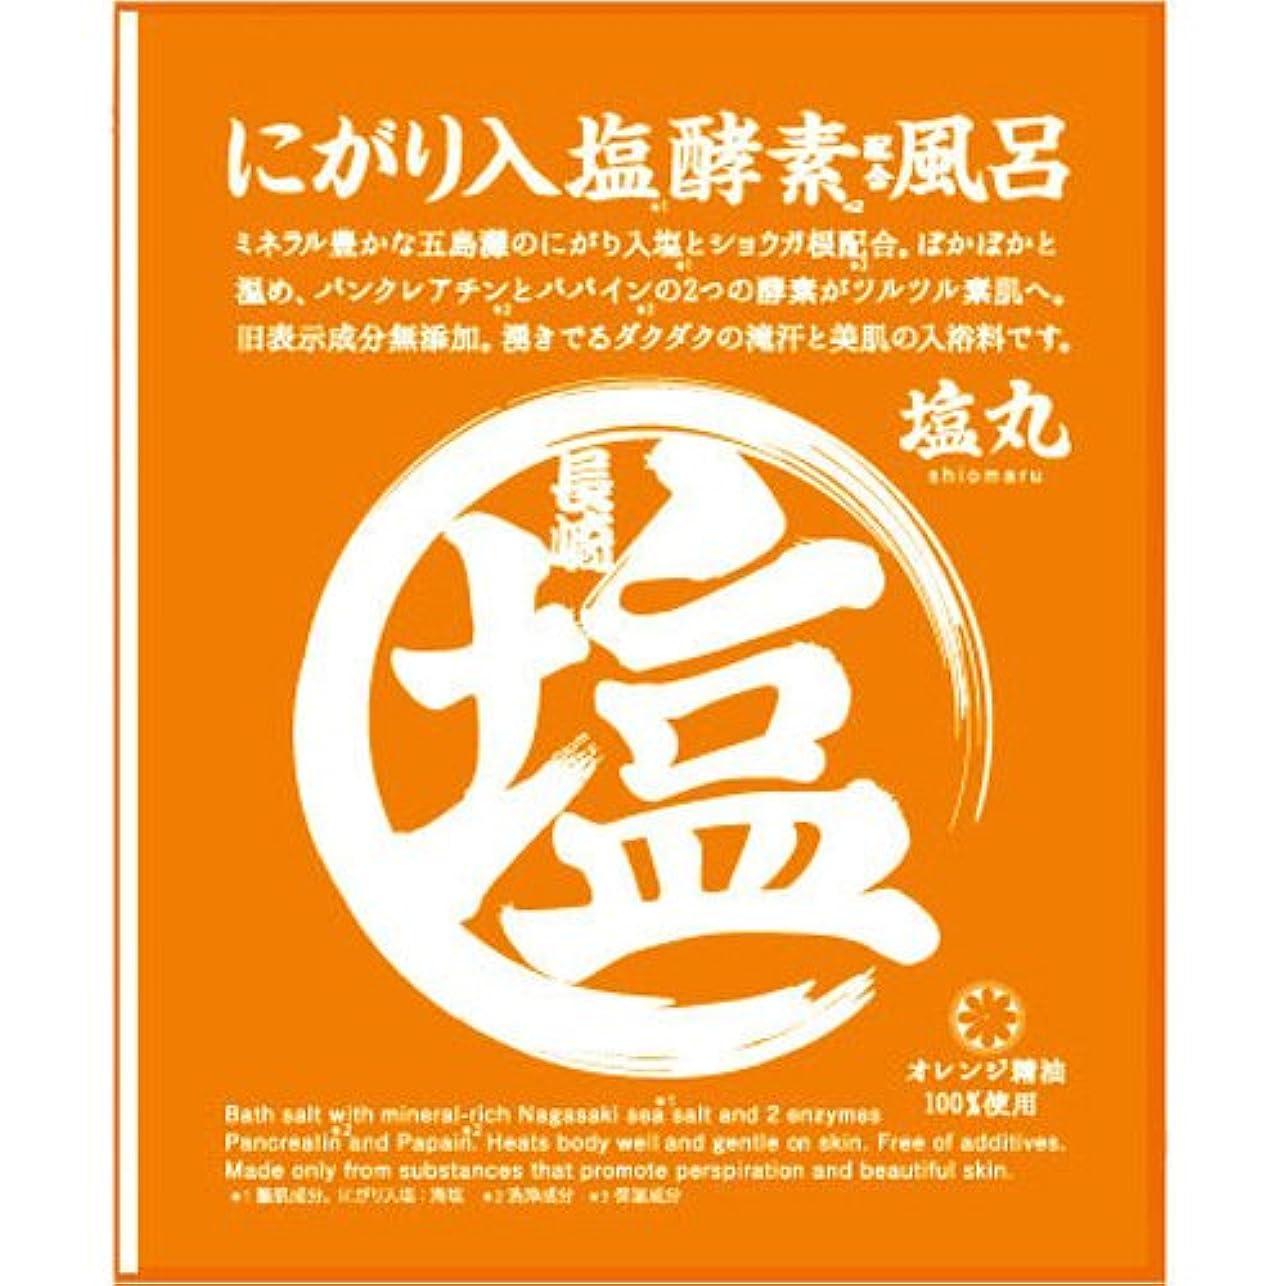 レンダー美容師トロリーにがり入塩と酵素の入浴料 塩丸 オレンジ 40g